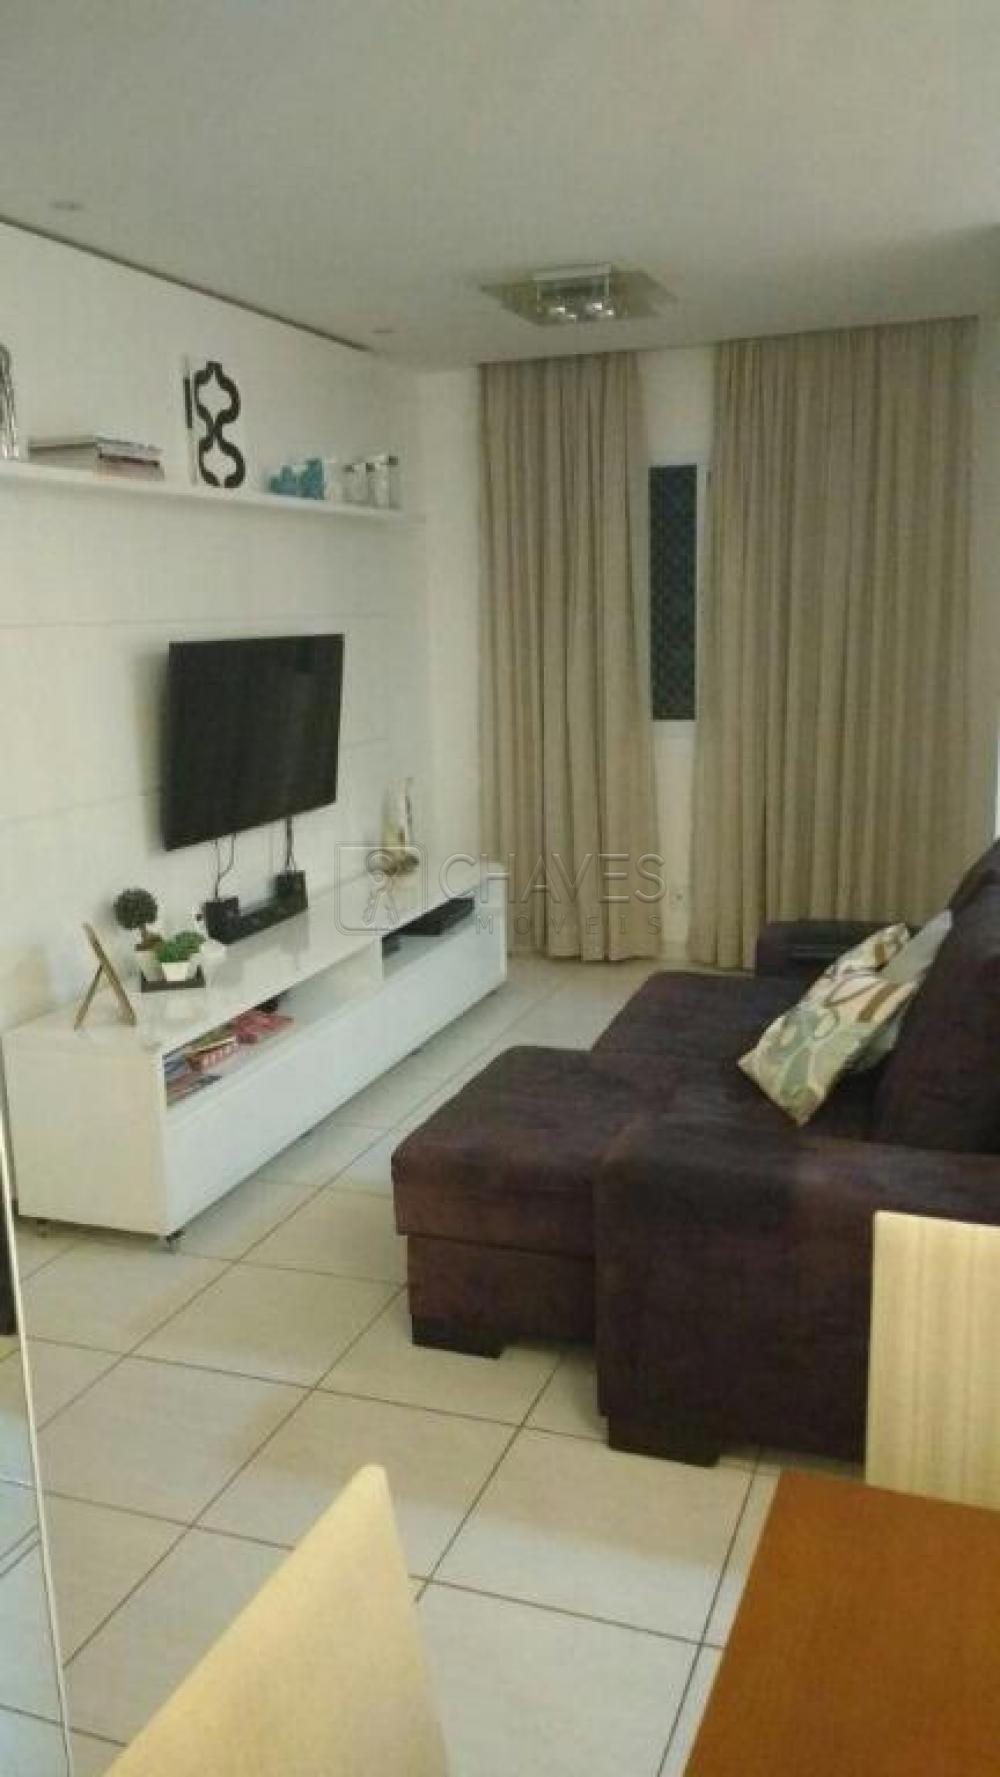 Comprar Apartamento / Padrão em Ribeirão Preto apenas R$ 420.000,00 - Foto 2